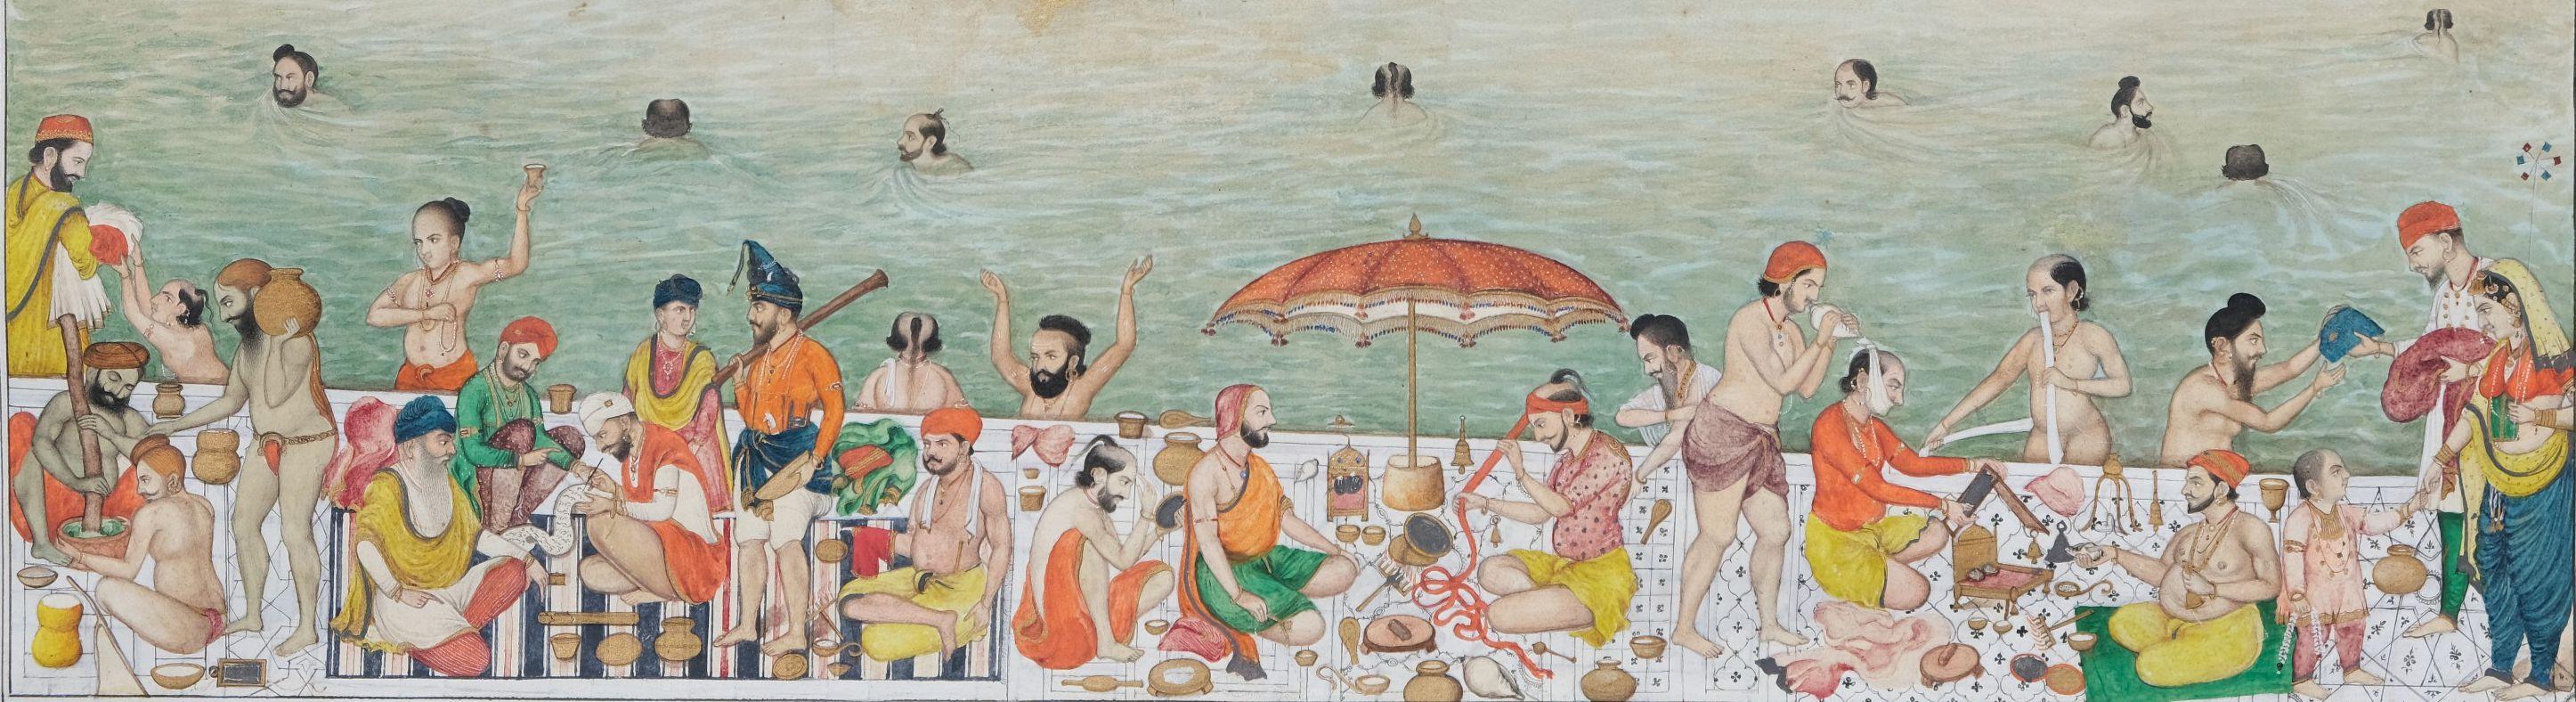 Scènes de vie au Harmandir Sahib, le Temple d'Or d'Amritsar Inde du nord, Penjab, Amritsar - Image 4 of 9